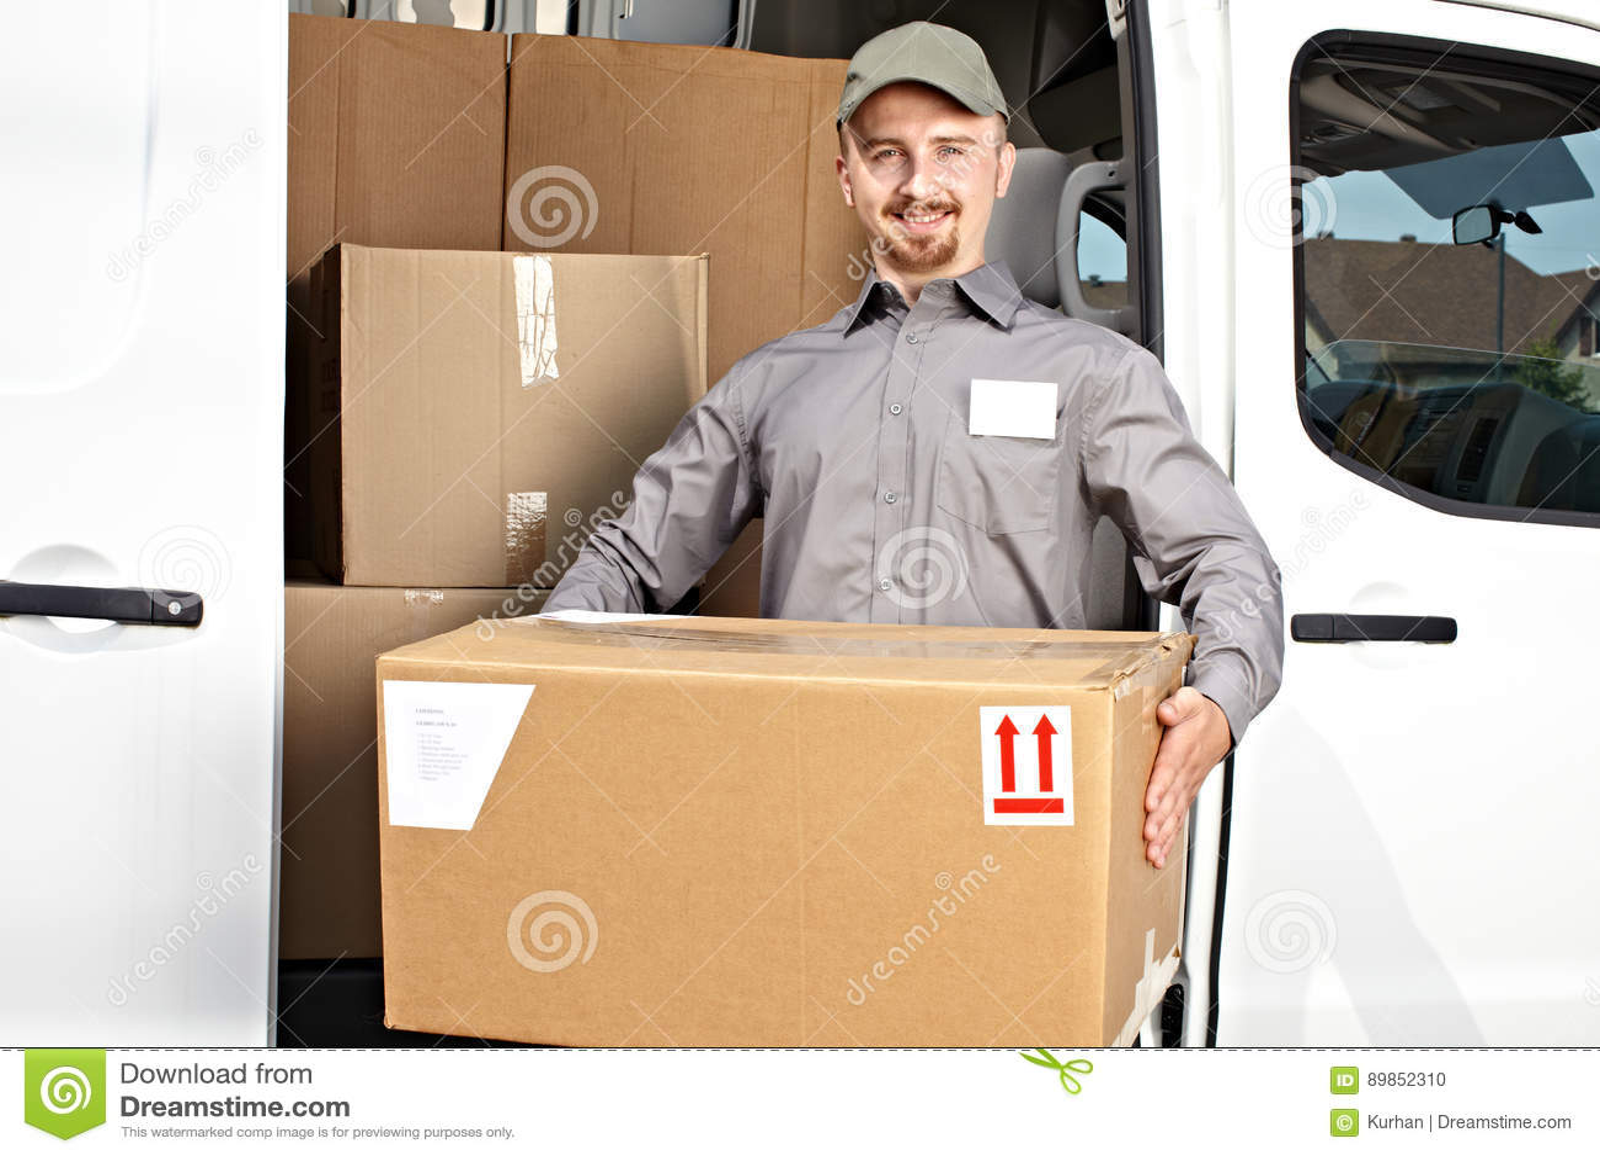 Briefträger mit Paket nahe Lieferwagen